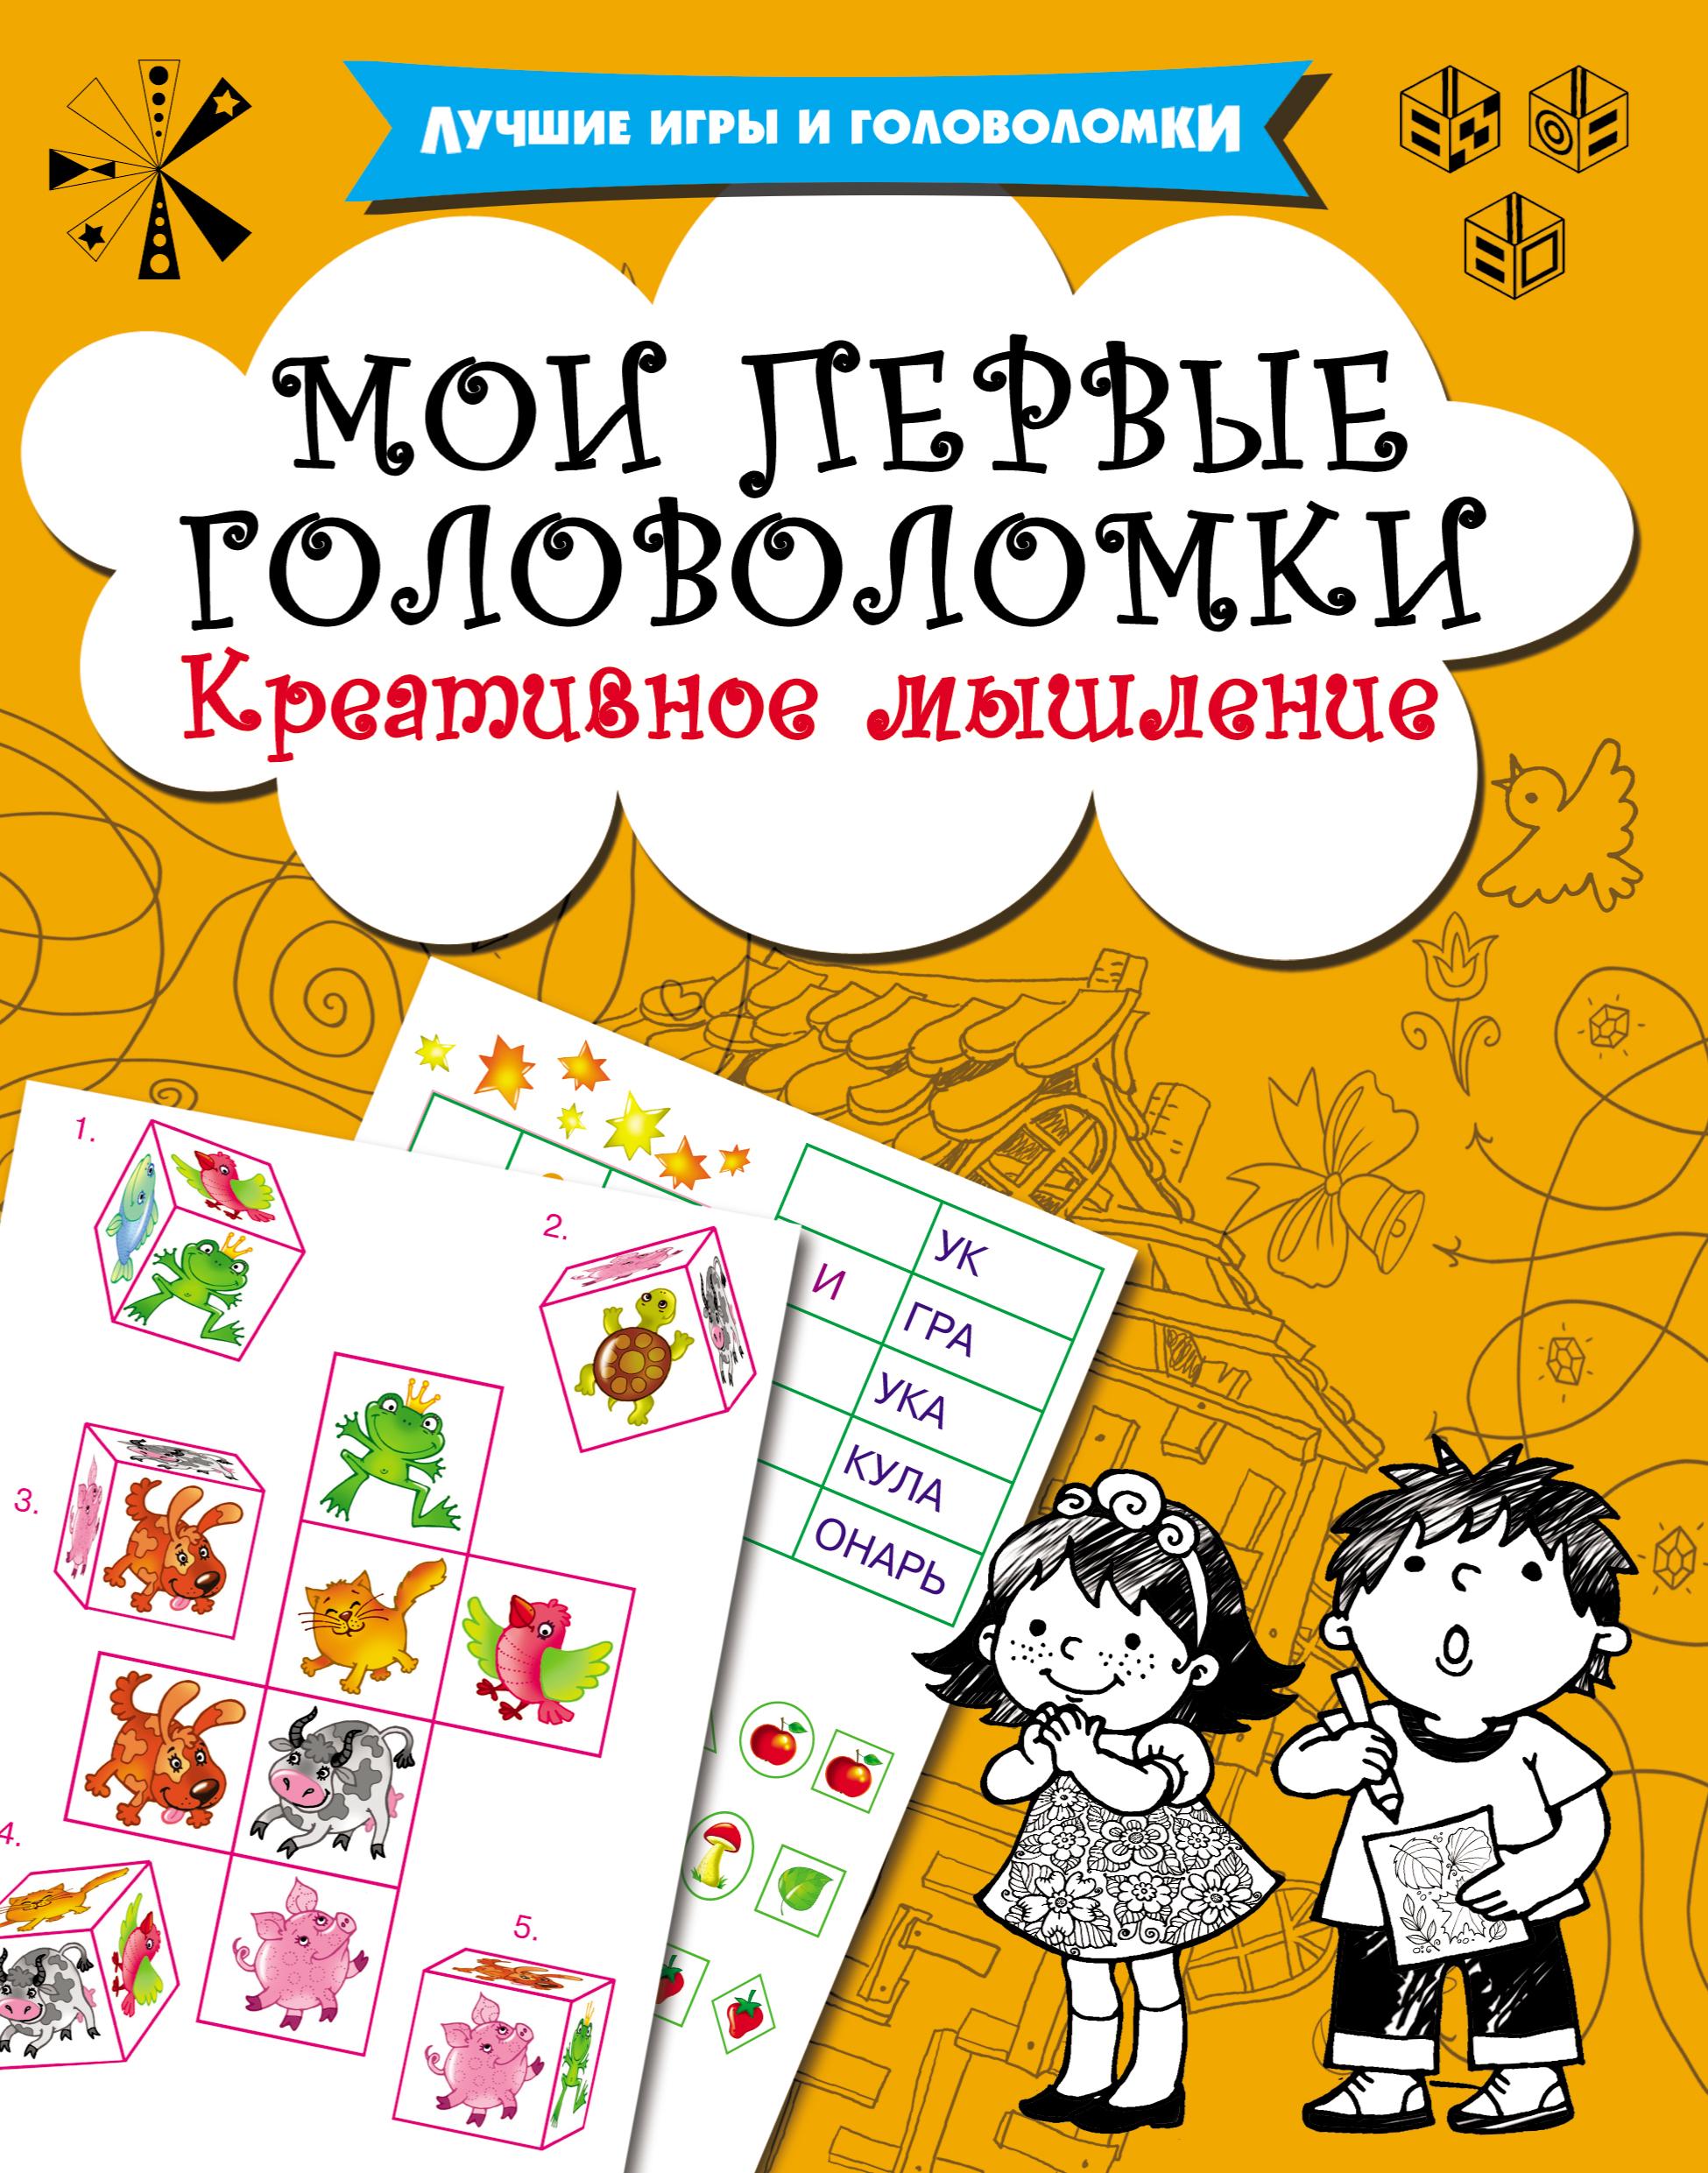 В. Г. Дмитриева Мои первые головоломки. Креативное мышление дмитриева в г мои первые головоломки креативное мышление